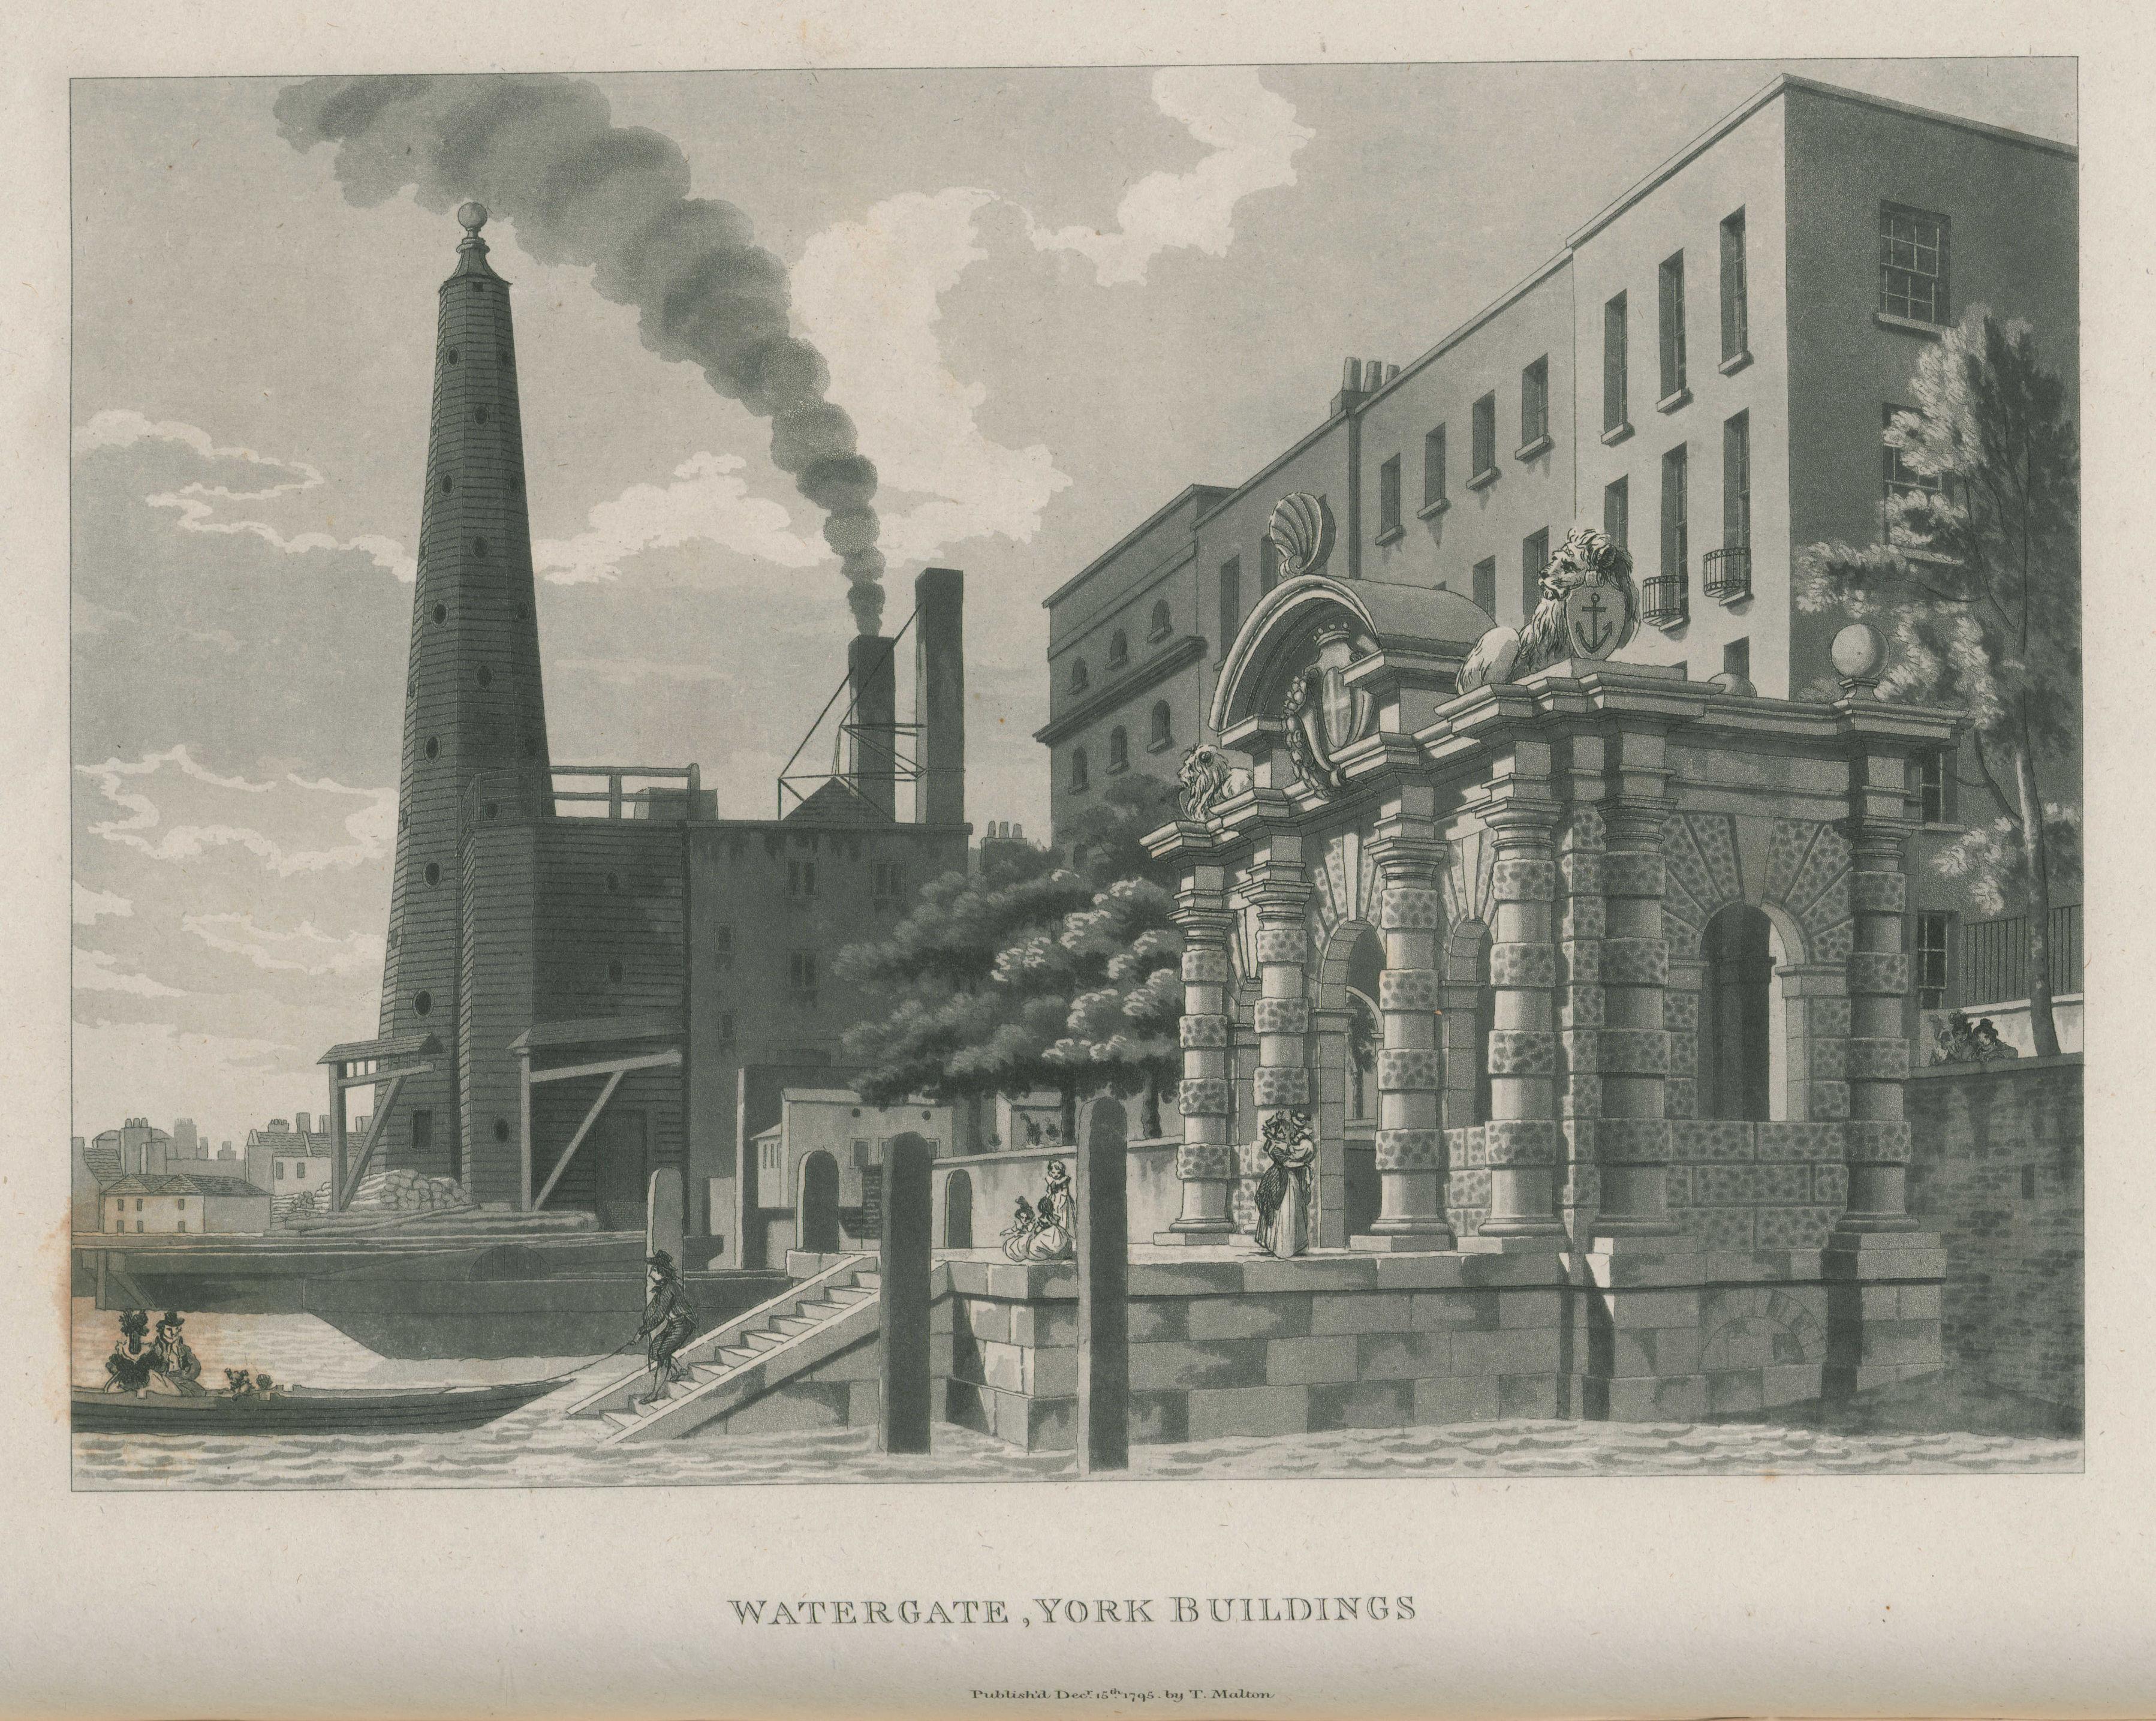 028 - Malton - Watergate, York Buildings